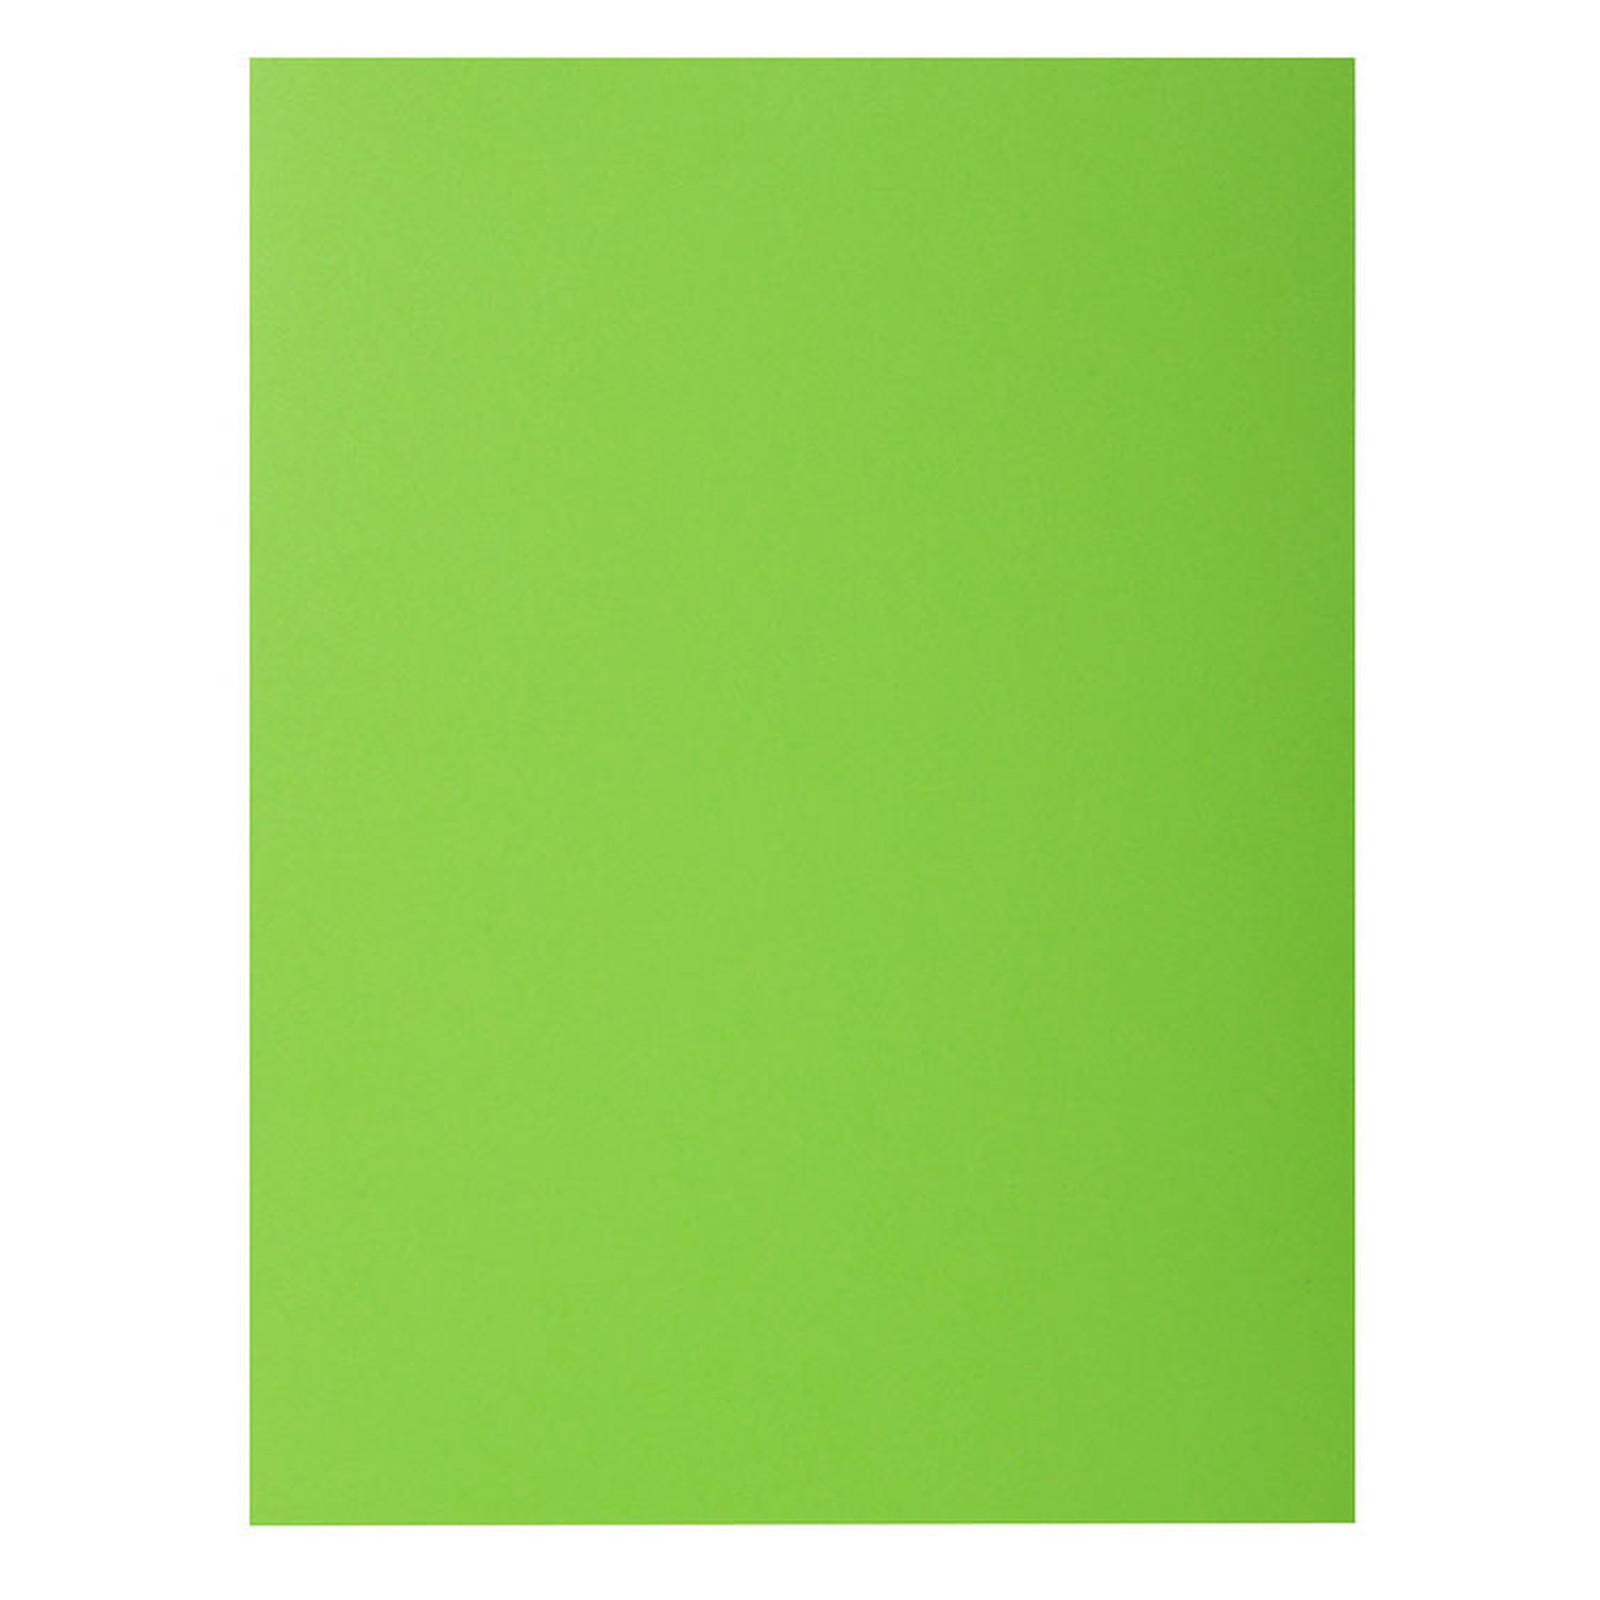 """Exacompta Chemises Rock""""s Vert x 100"""